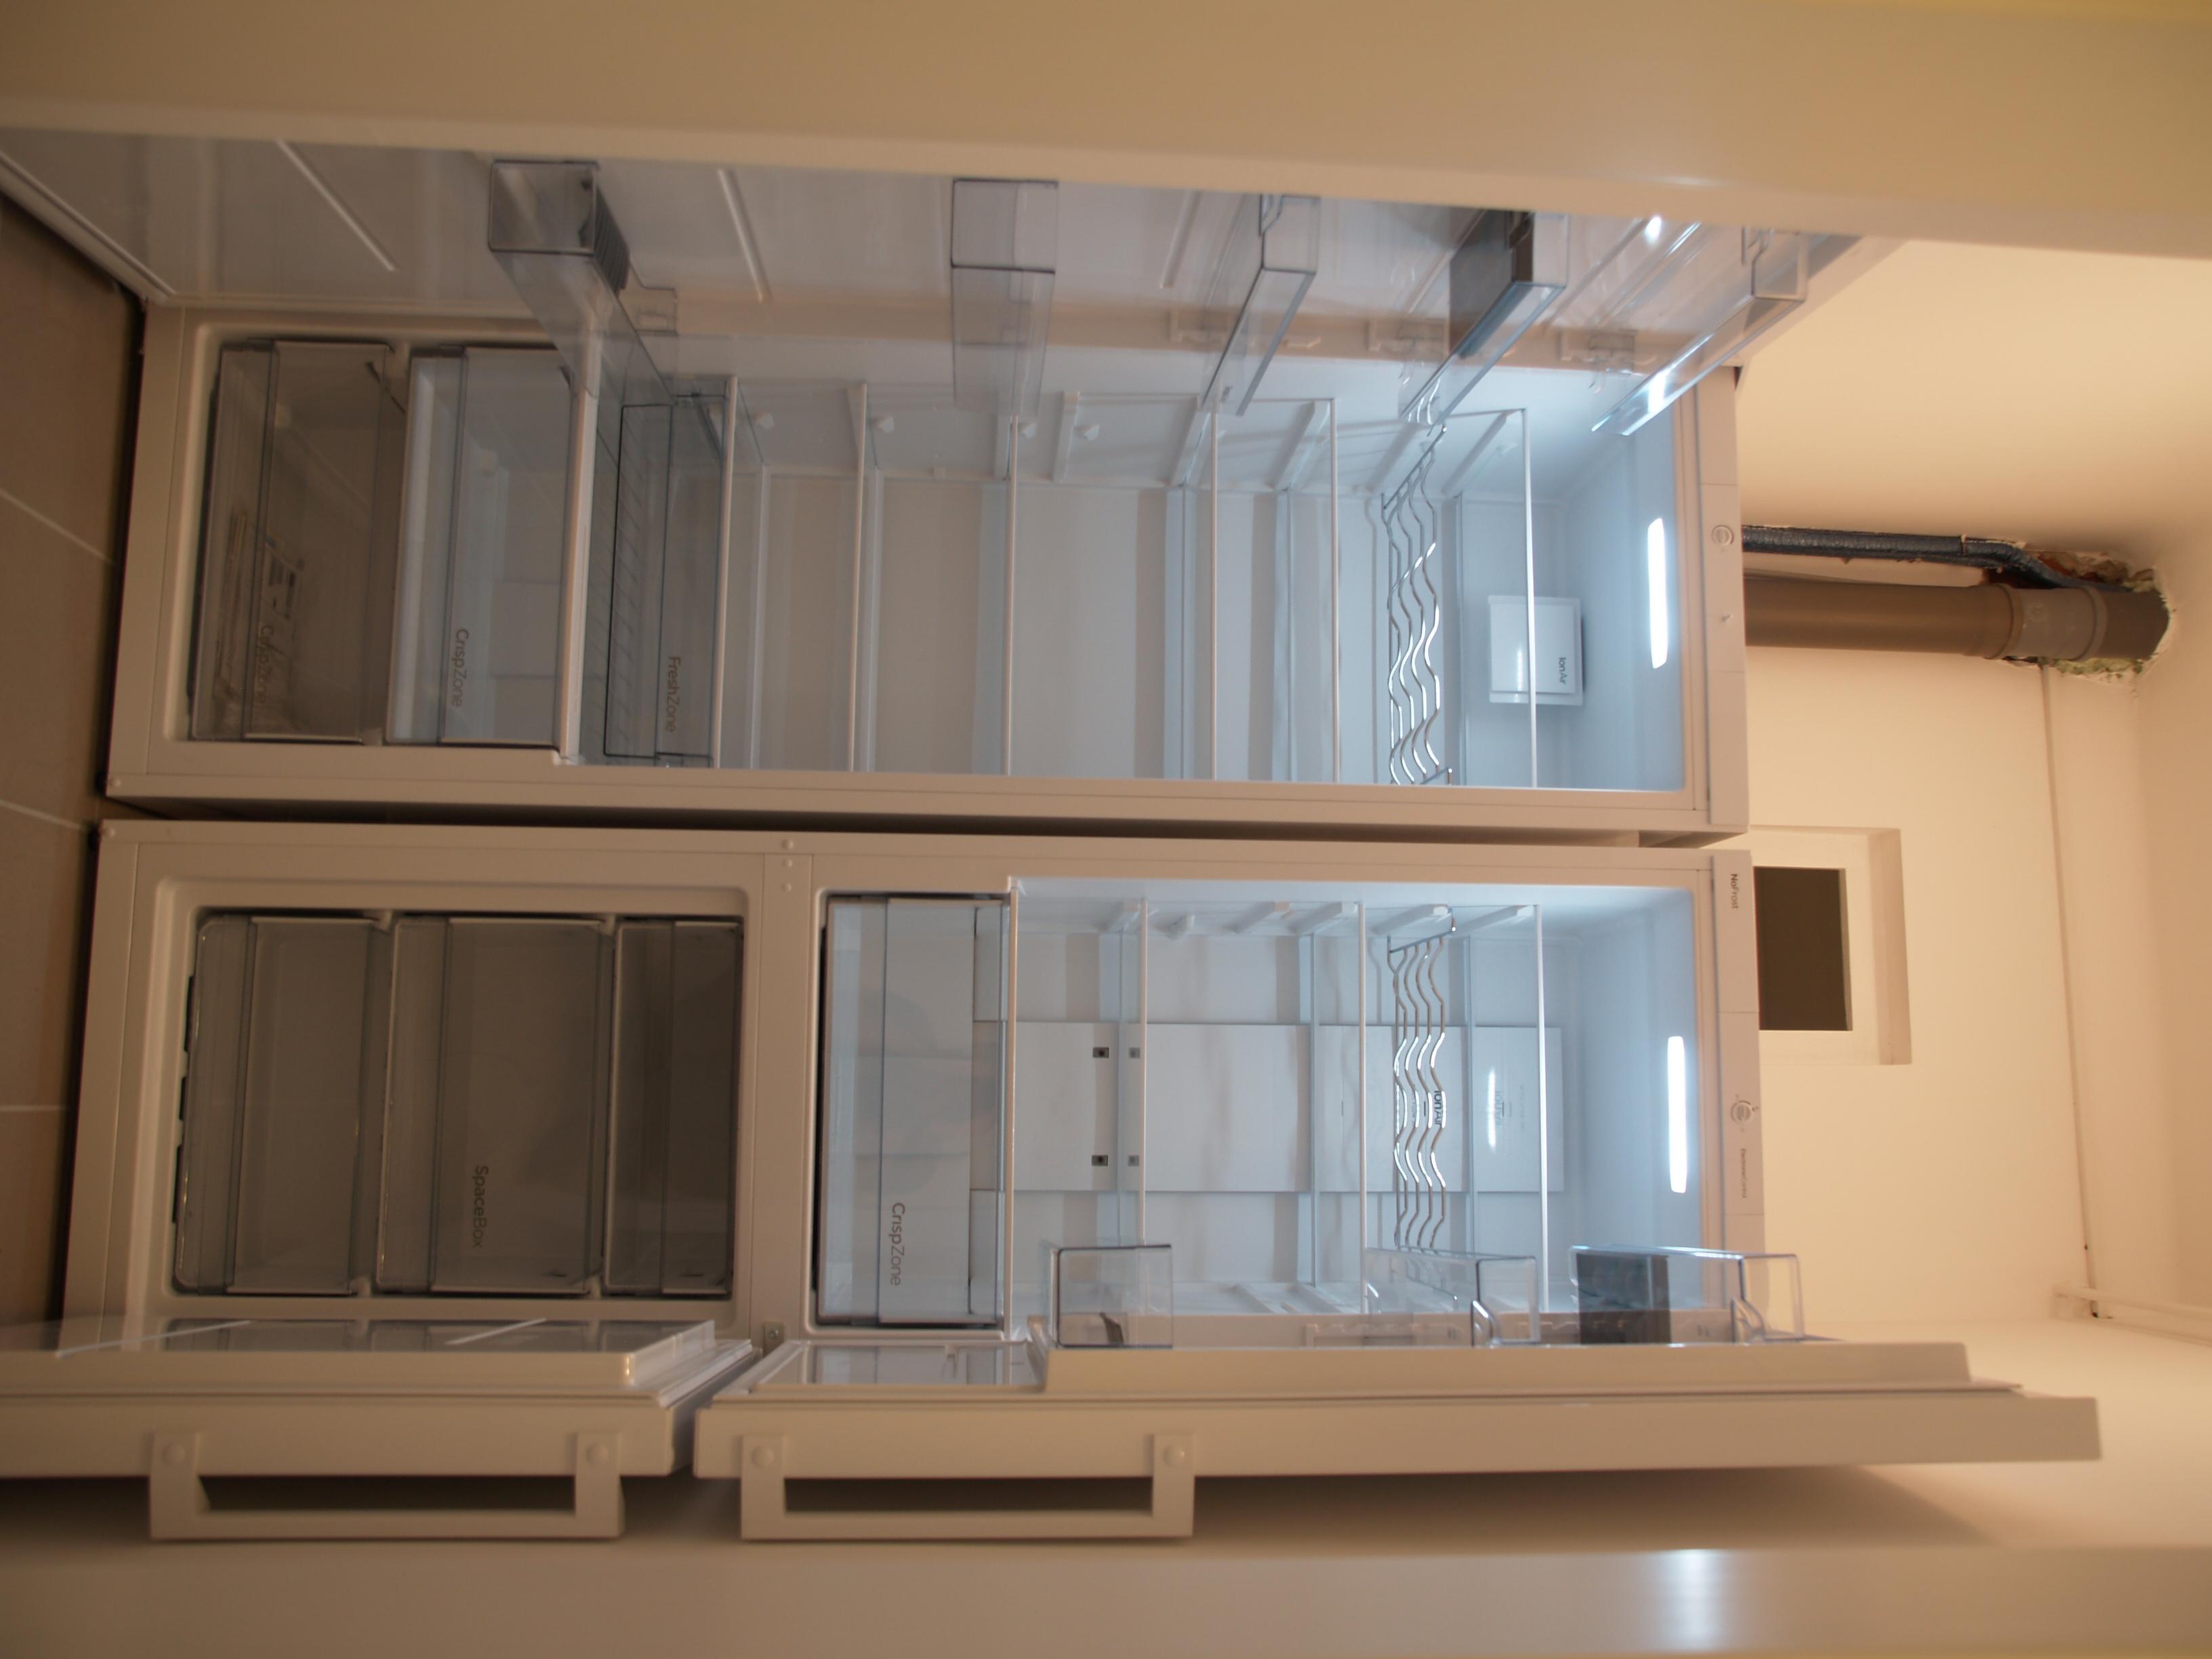 Toronyi Vendégház hűtők